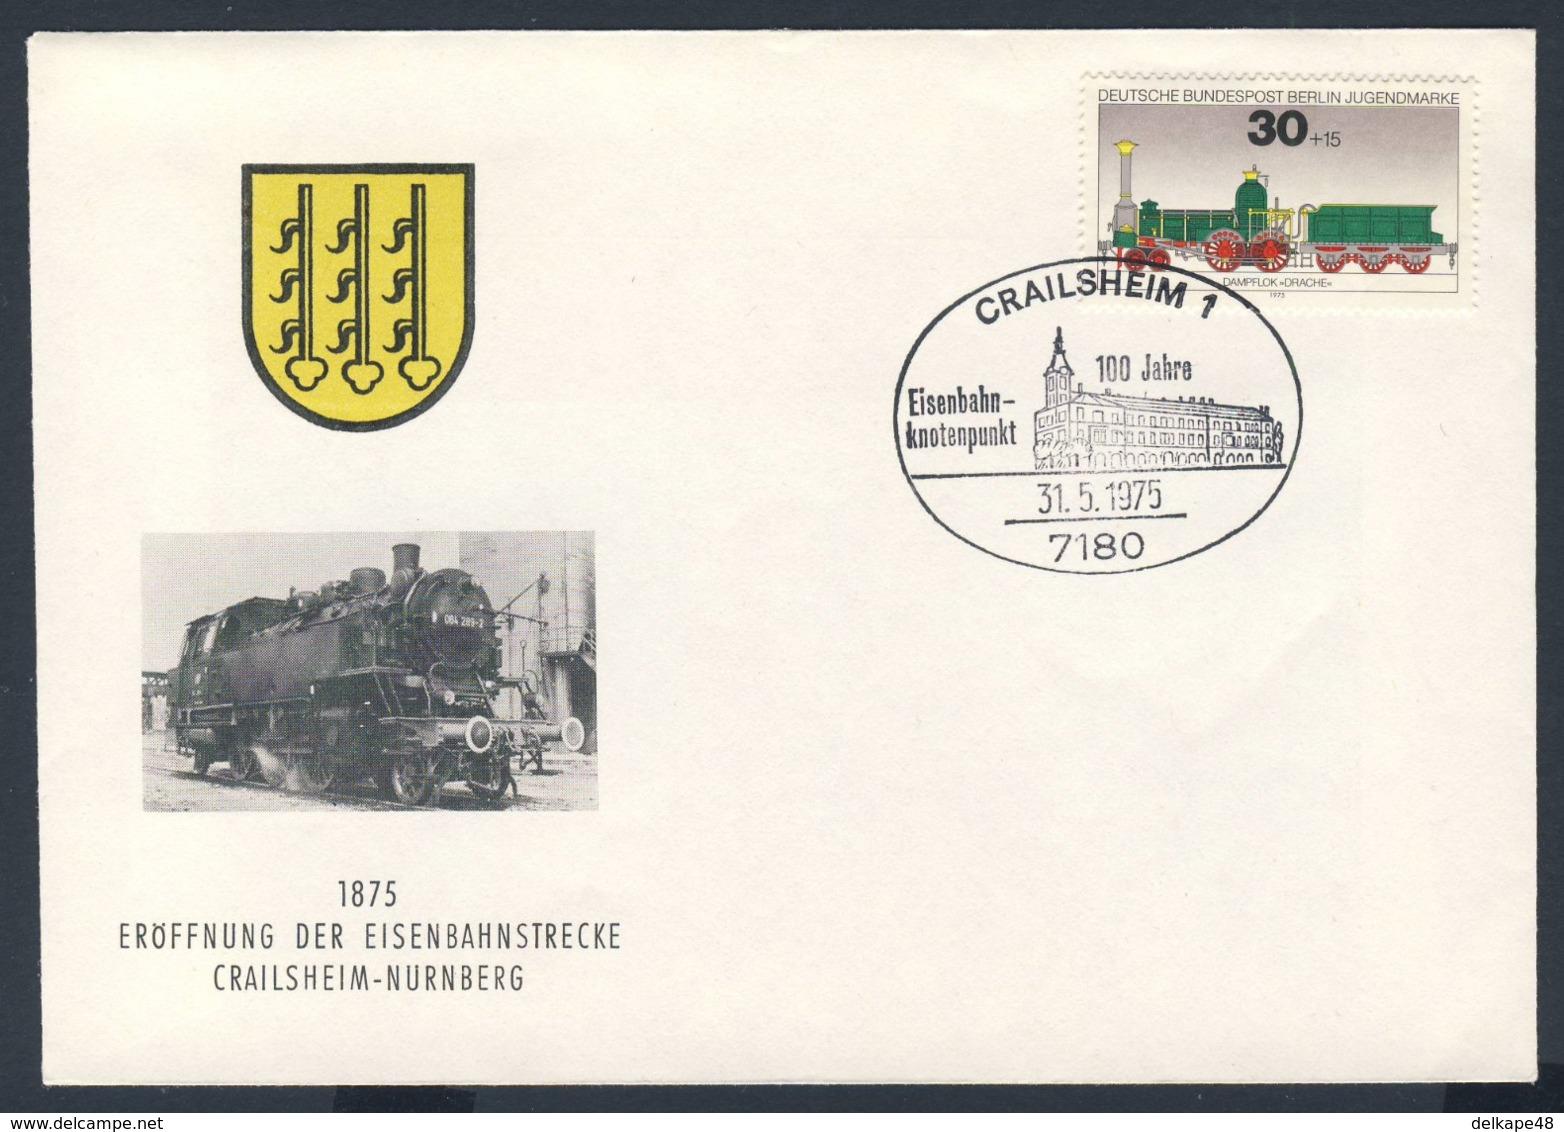 Deutschland Germany 1975 Cover / Brief / Enveloppe - 100 Jahre Eisenbahnknotenpunkt Crailsheim - Crailsheim-Nürnberg - Treinen